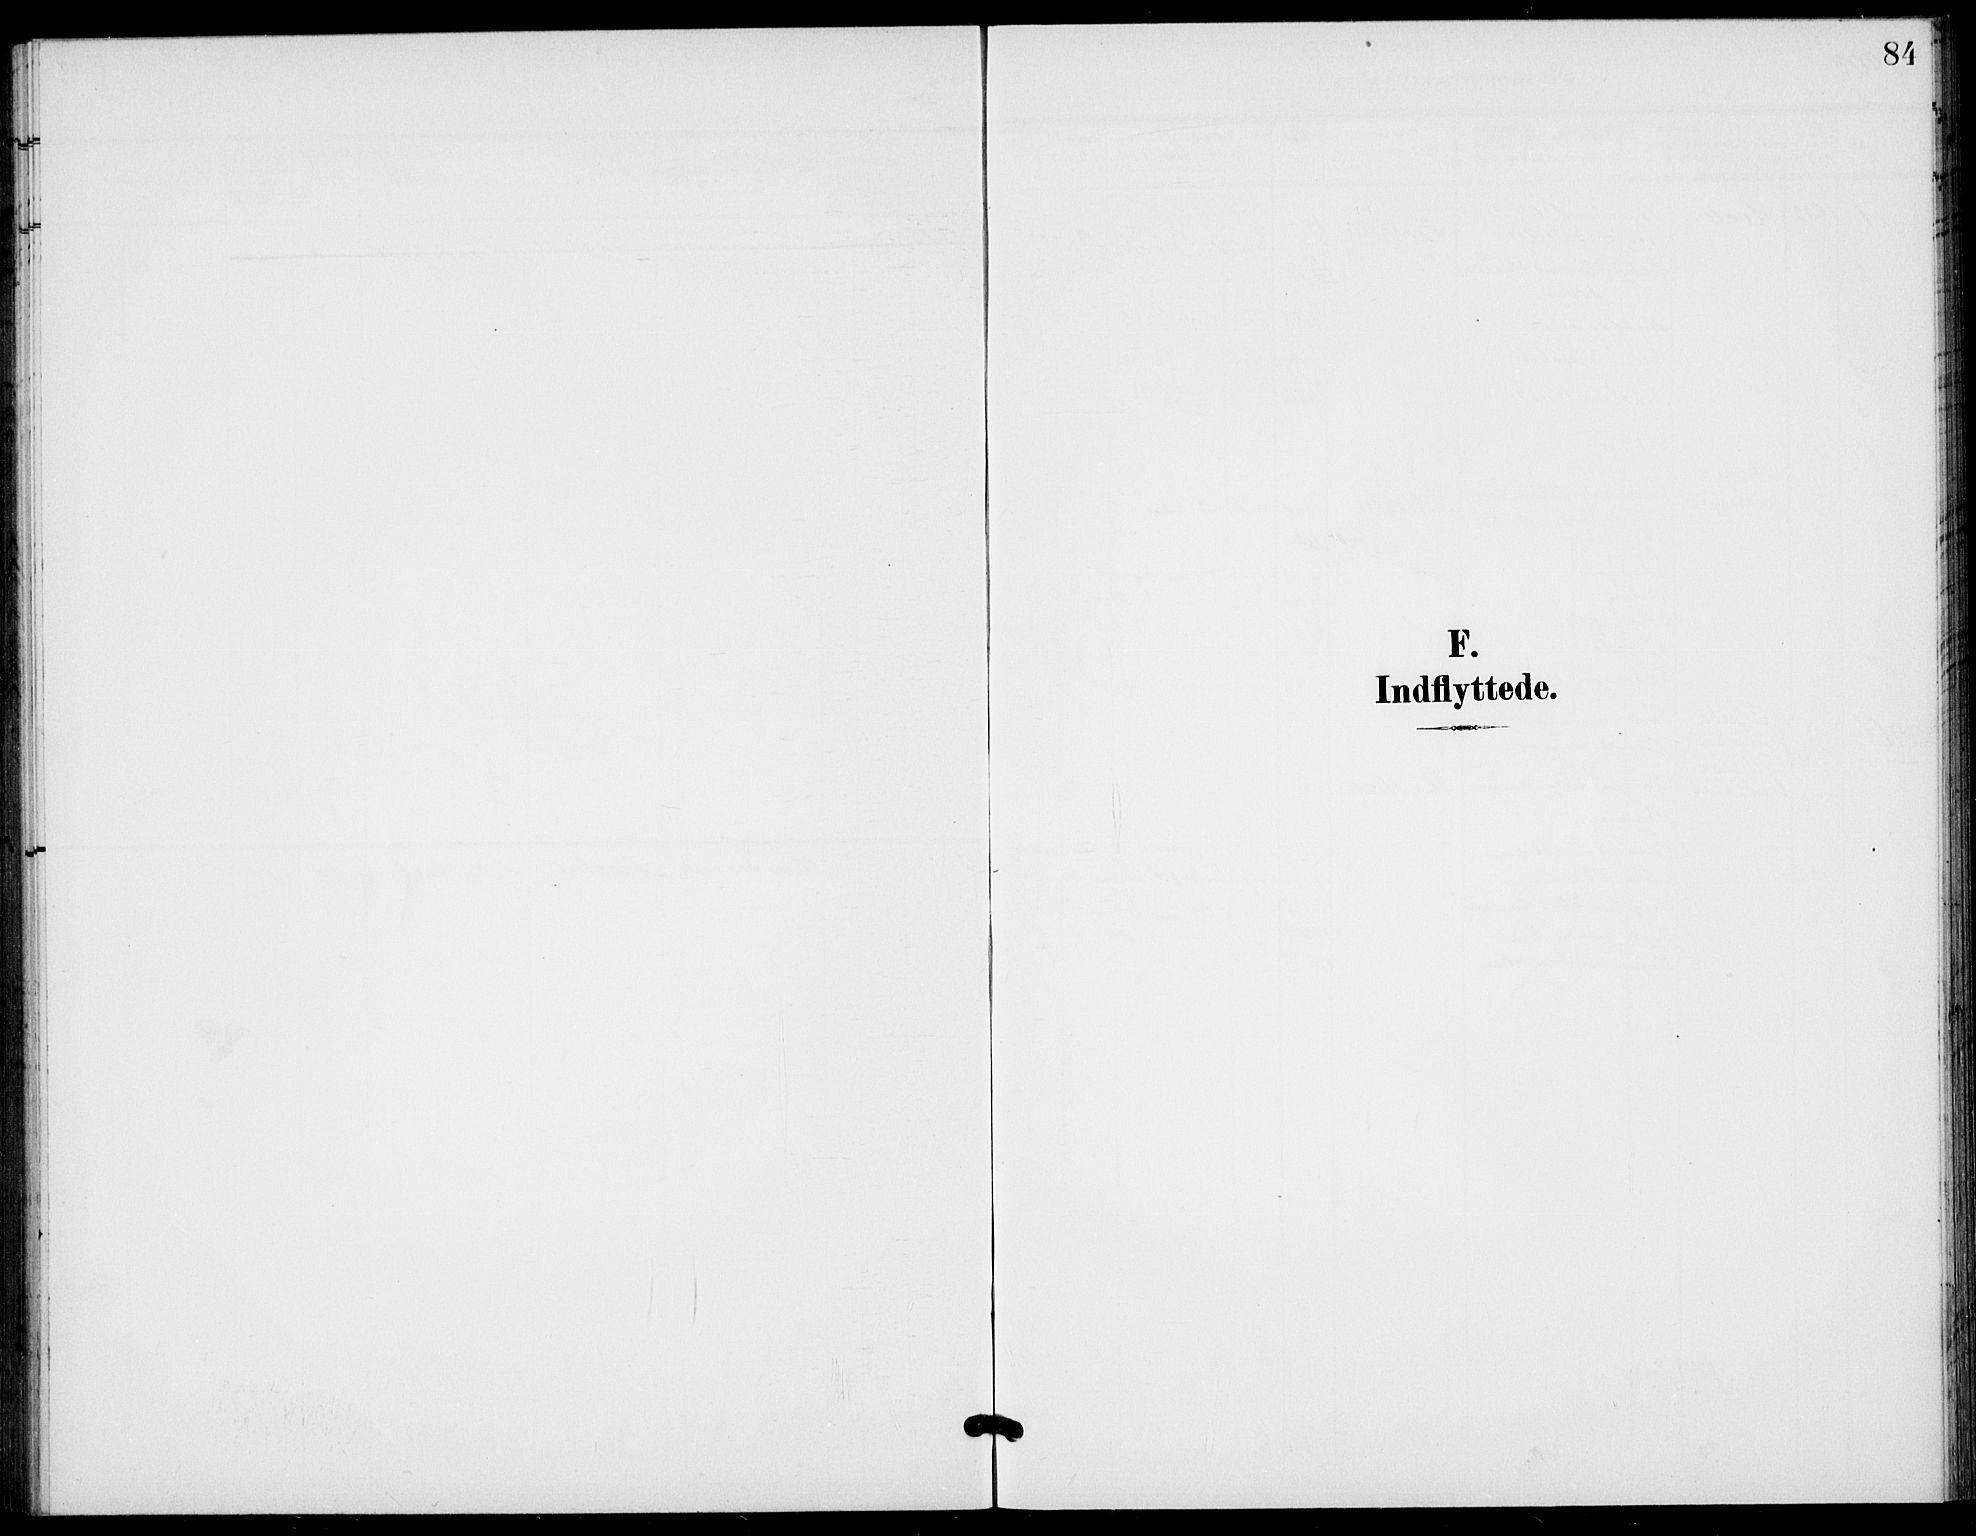 SAKO, Bamble kirkebøker, G/Gb/L0002: Klokkerbok nr. II 2, 1900-1925, s. 84